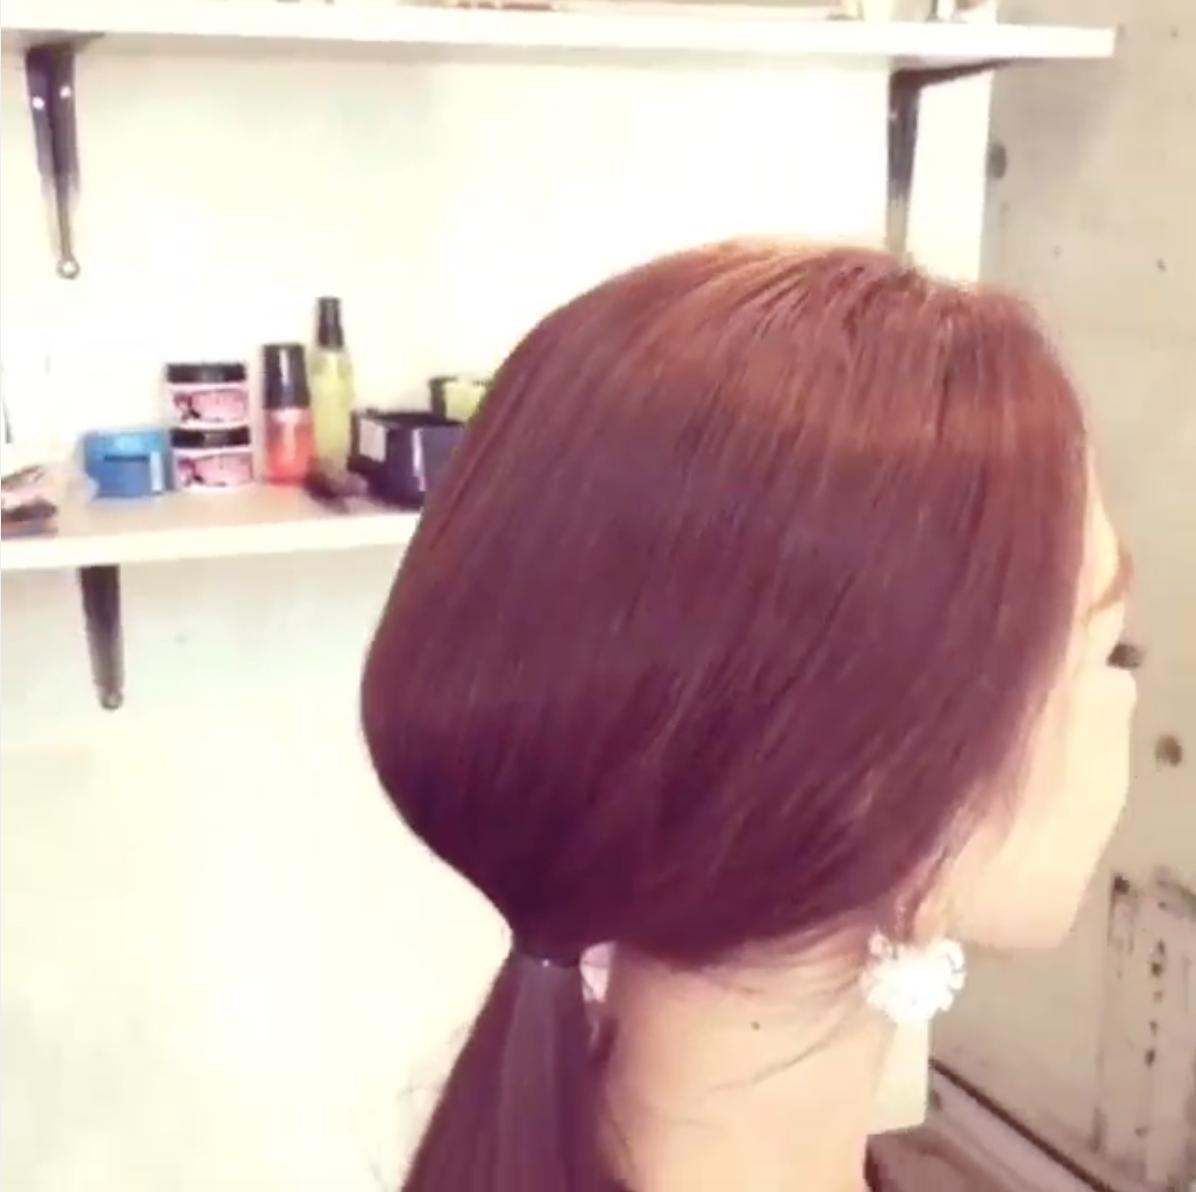 (4)最後再微調一下弧度,記得讓綁起來的頭髮保持住一個圓弧形,就完成囉!